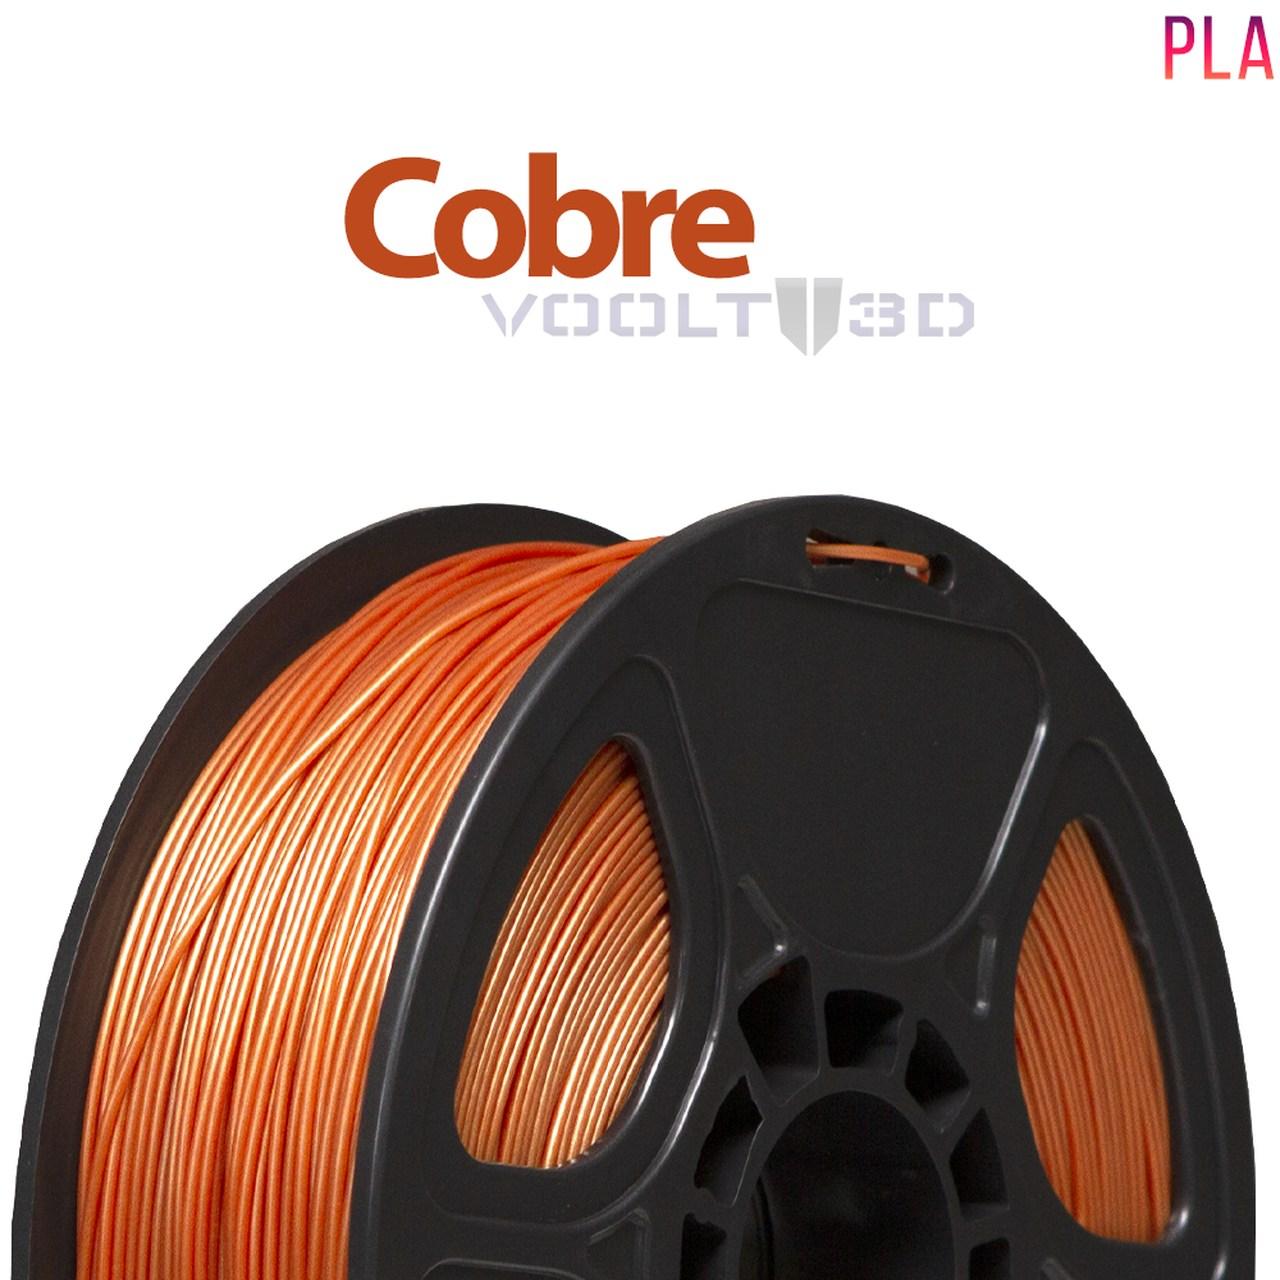 Filamento PLA - Cobre - Voolt - 1.75mm - 1kg